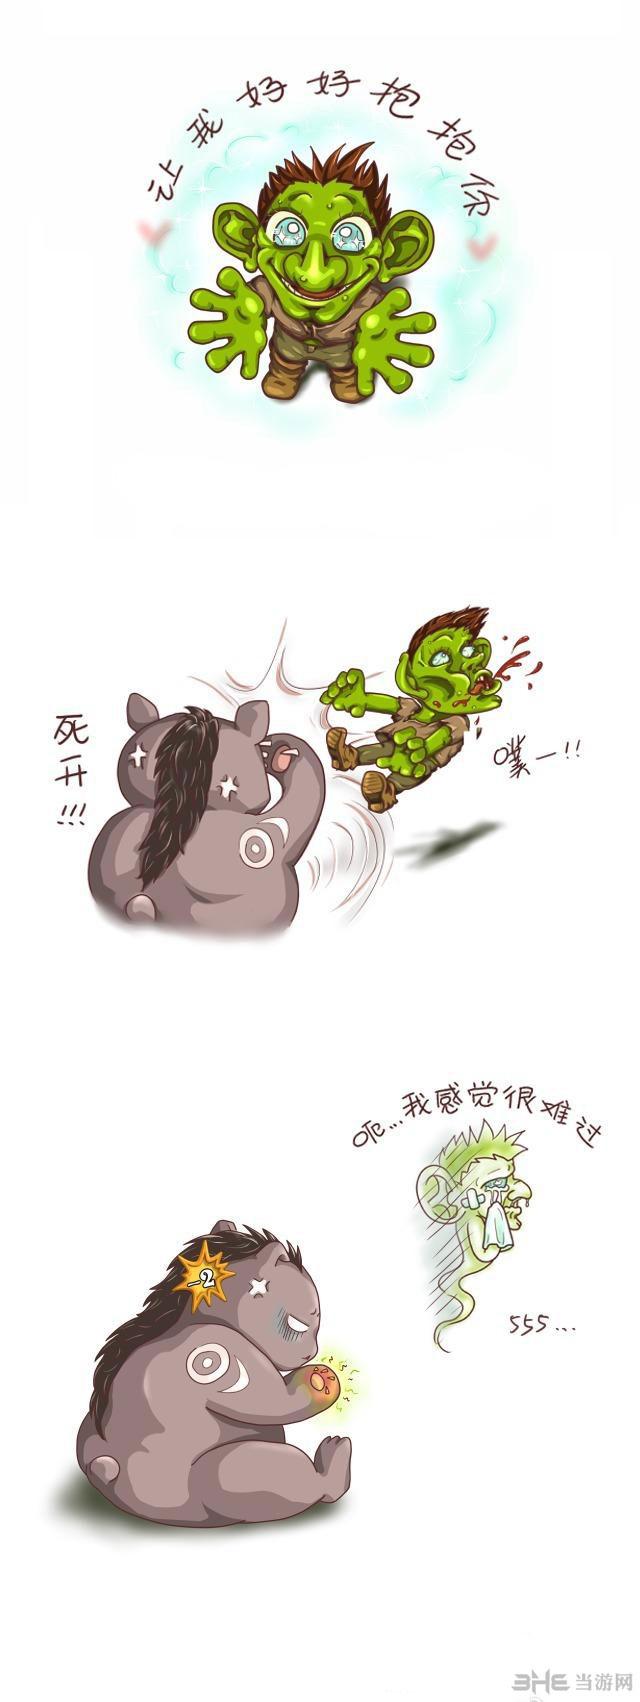 炉石传说搞笑漫画图片1